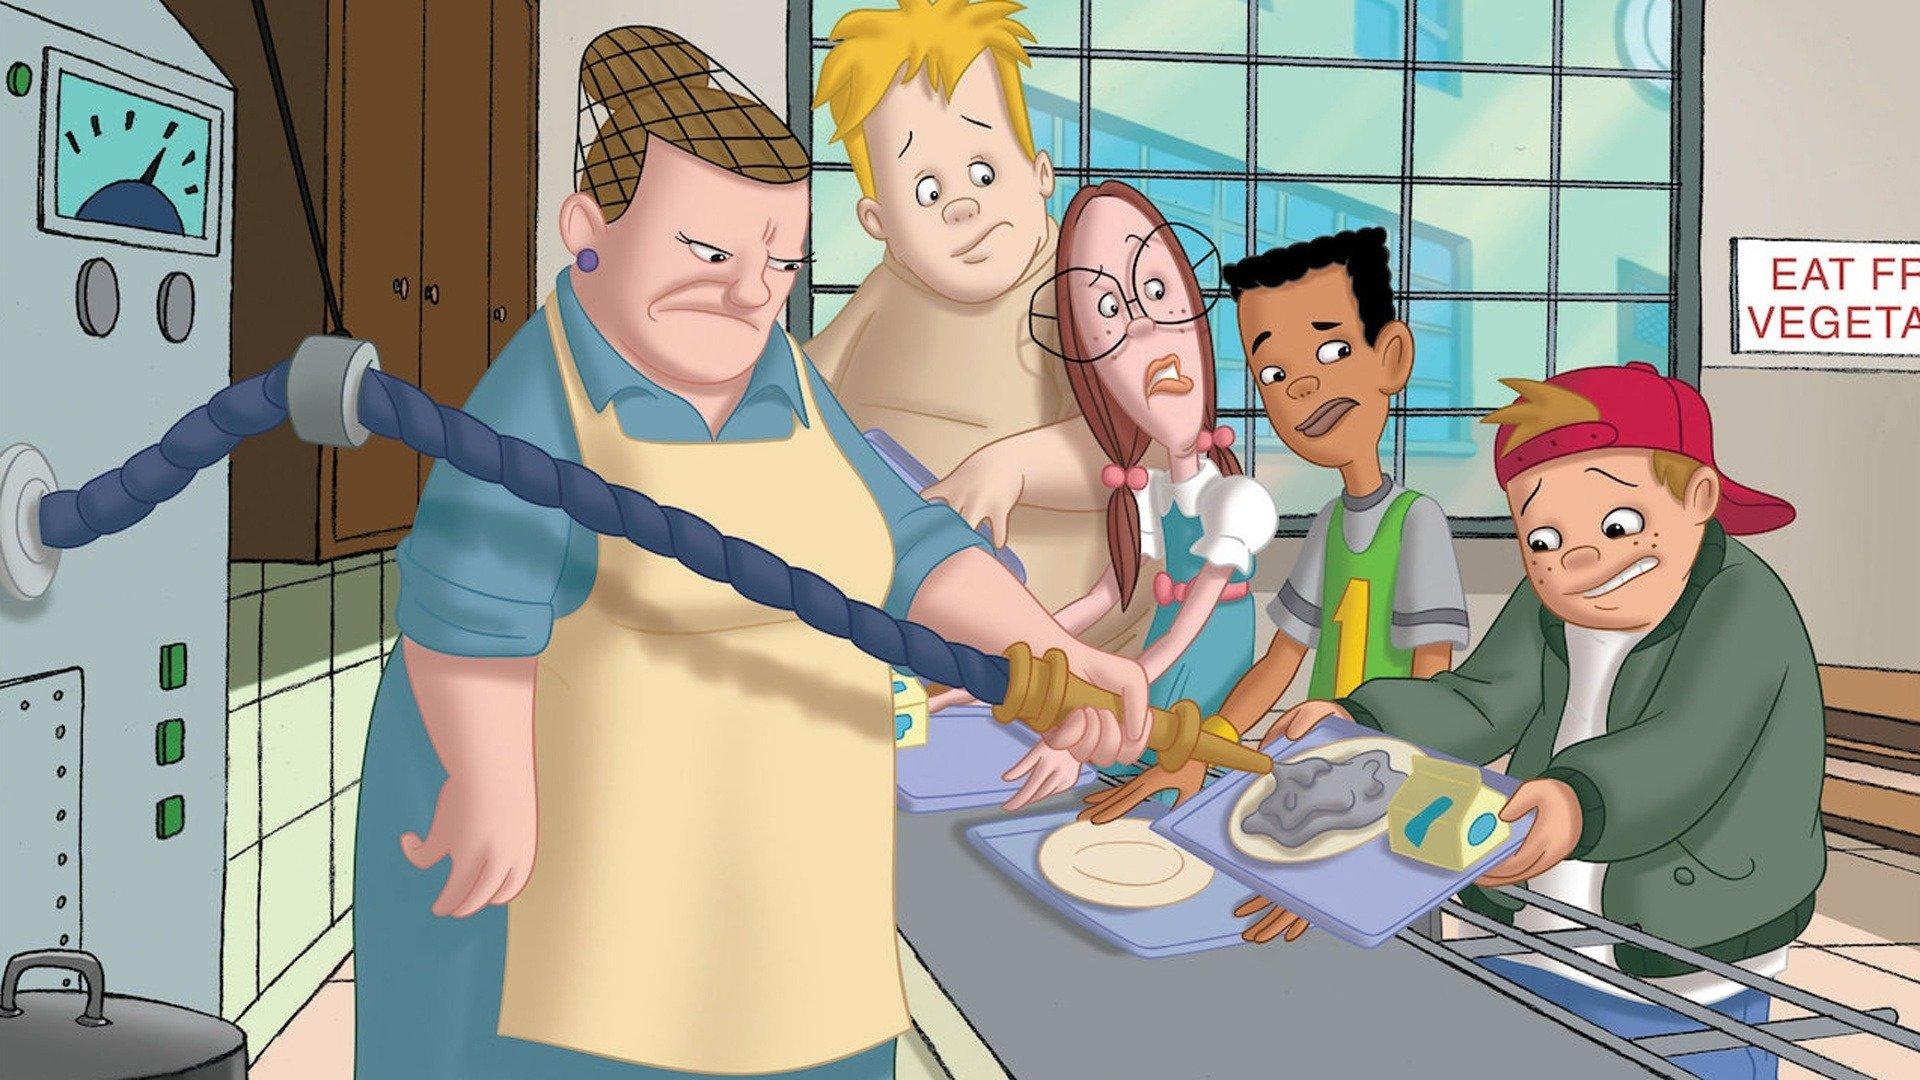 Recess: Taking the Fifth Grade | Sky.com